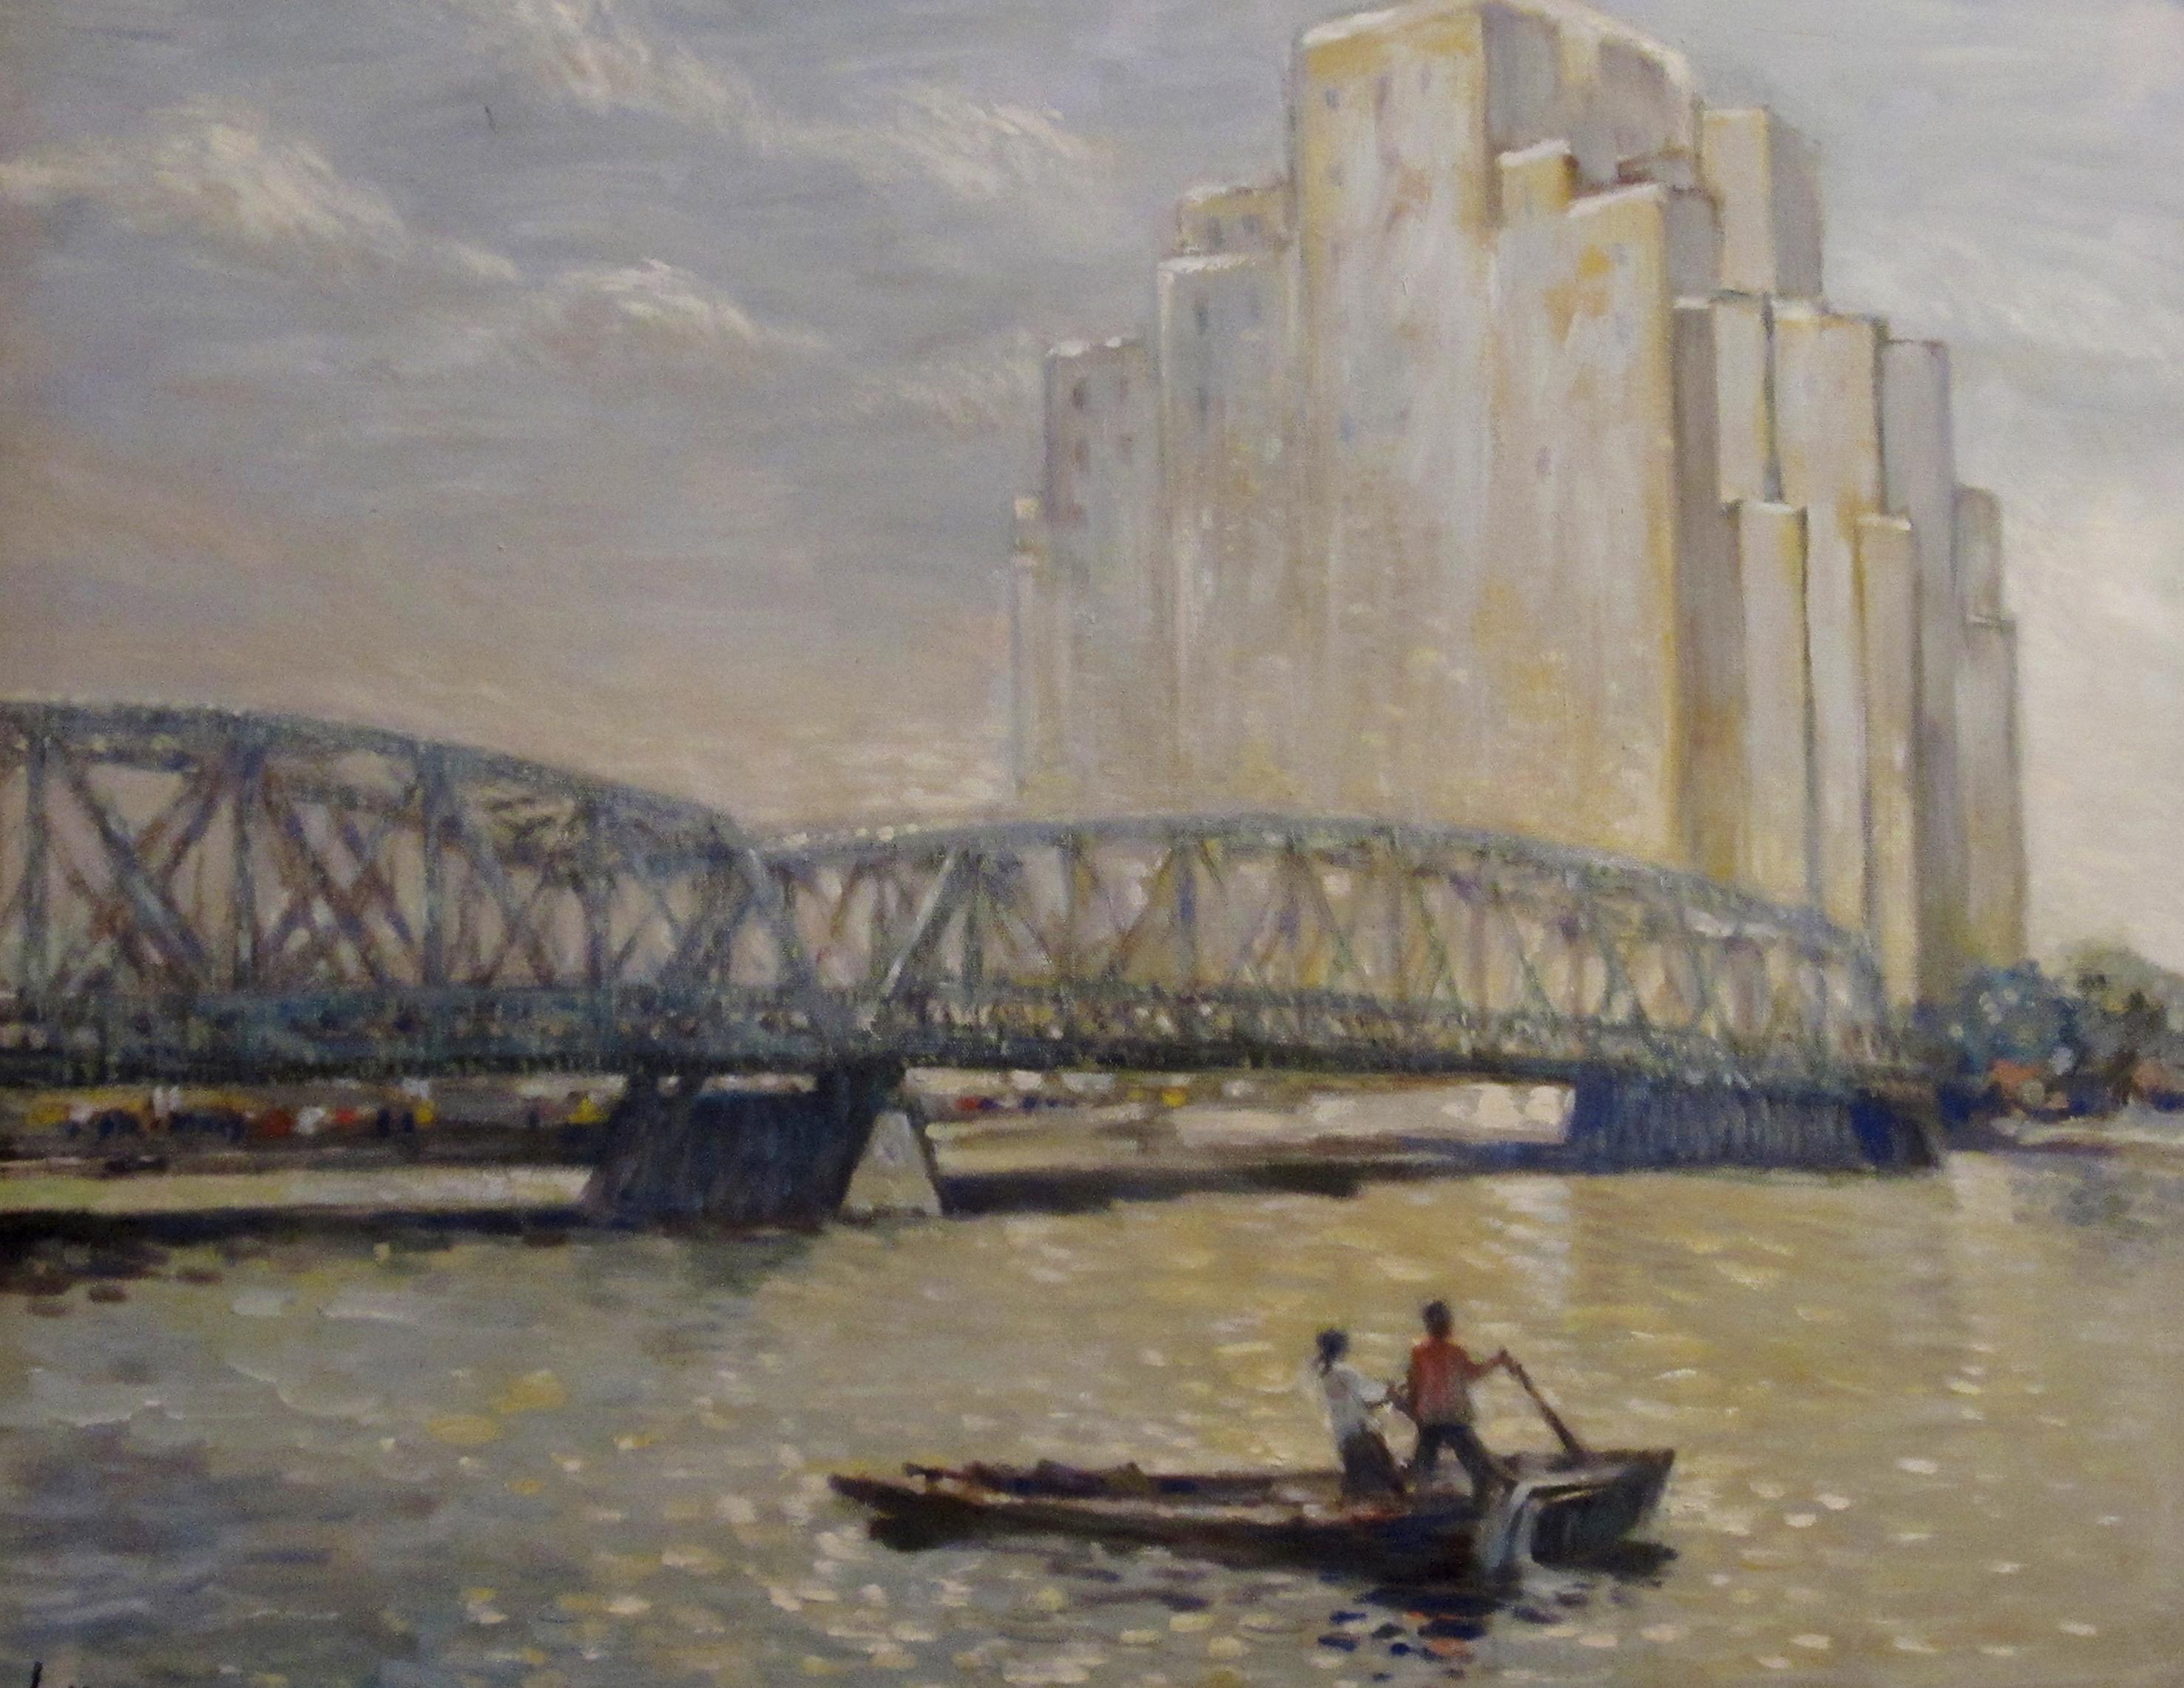 Die Garden Bridge und das Hotel Broadway Mansions vor dem Stadtteil Hongkew mit dem jüdischen Ghetto. Foto: Gemälde aus dem Nachlass John H. Less